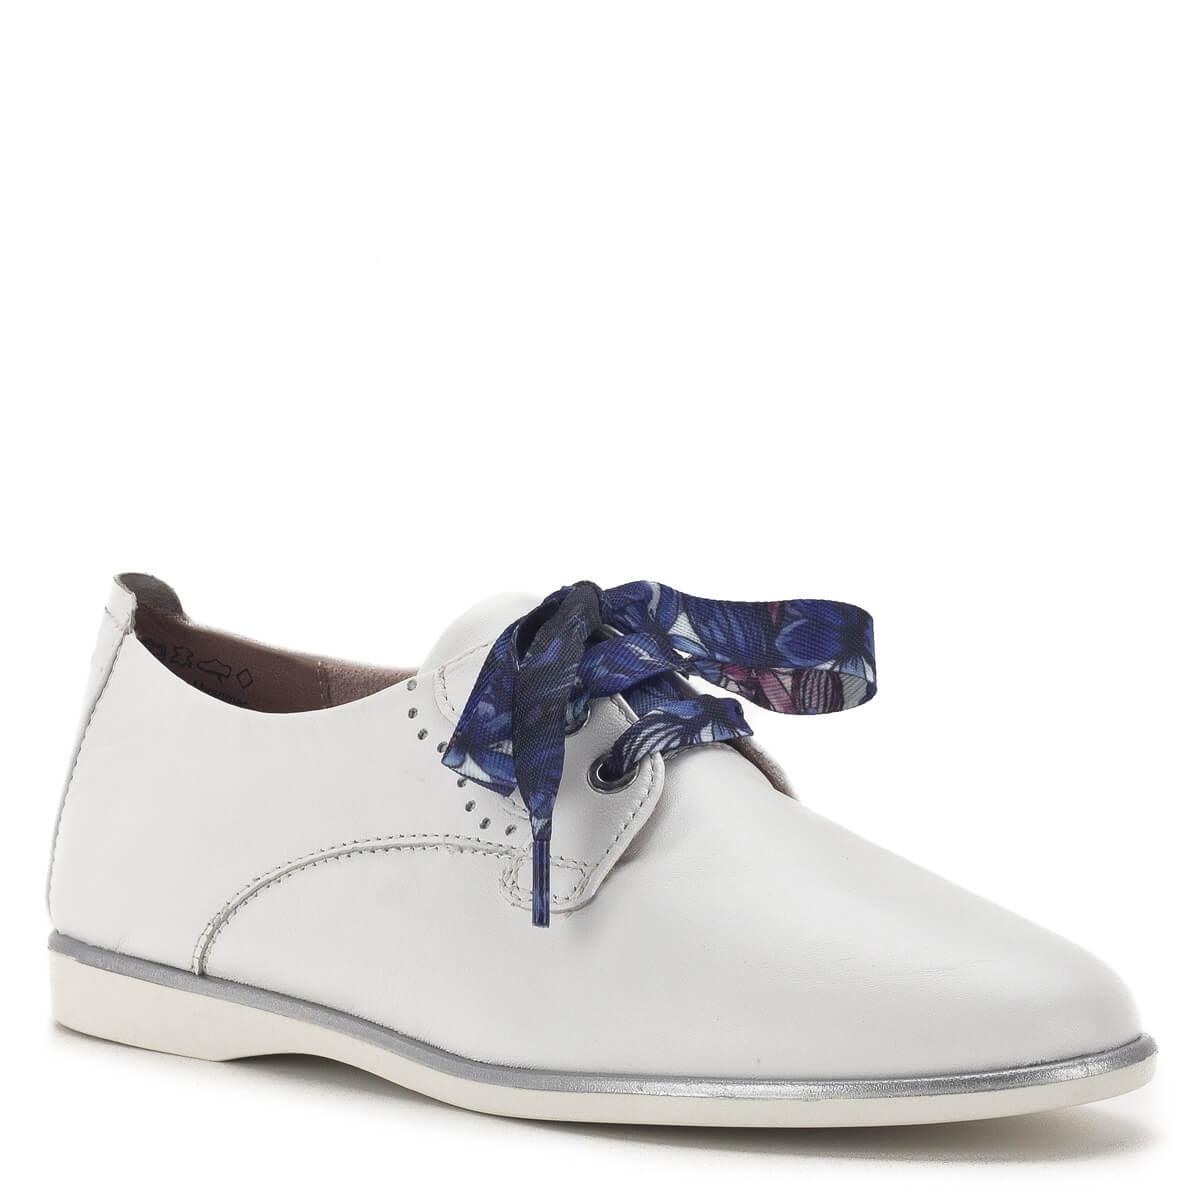 Női cipő - Tamaris 1-23219-24 100